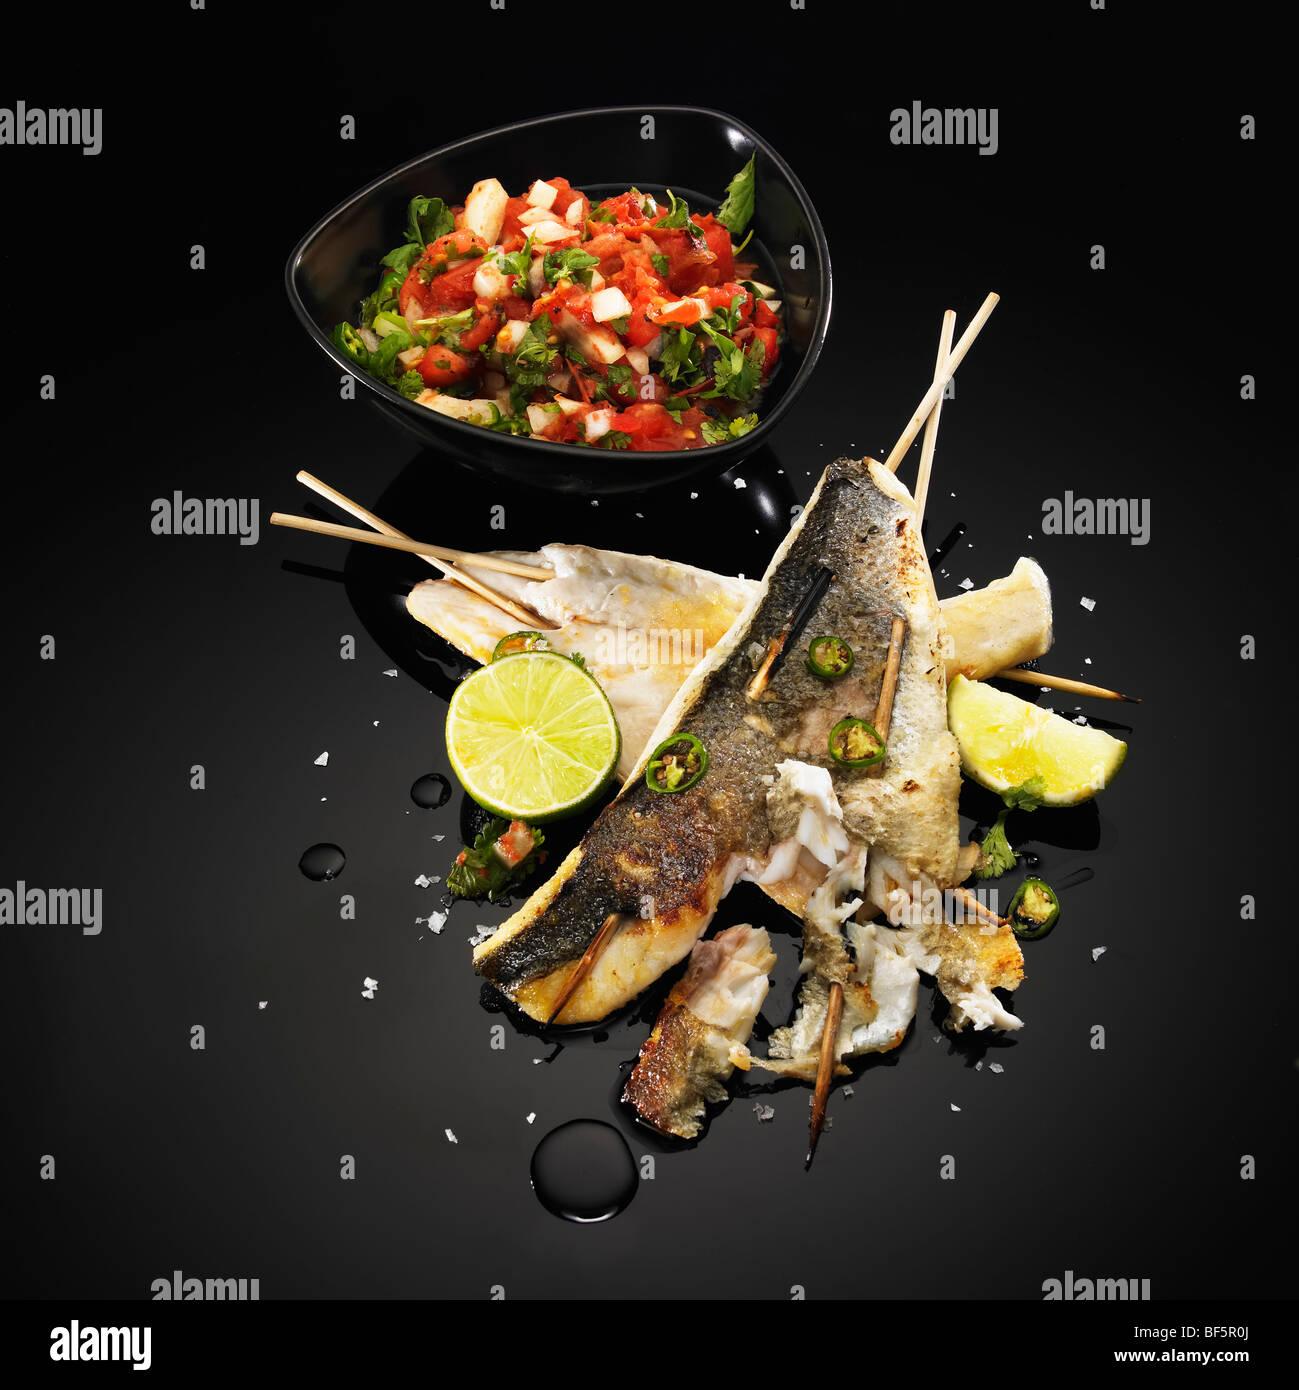 Brochettes de poisson au barbecue avec de la chaux, de piment vert et de la salade, sur un fond noir Photo Stock